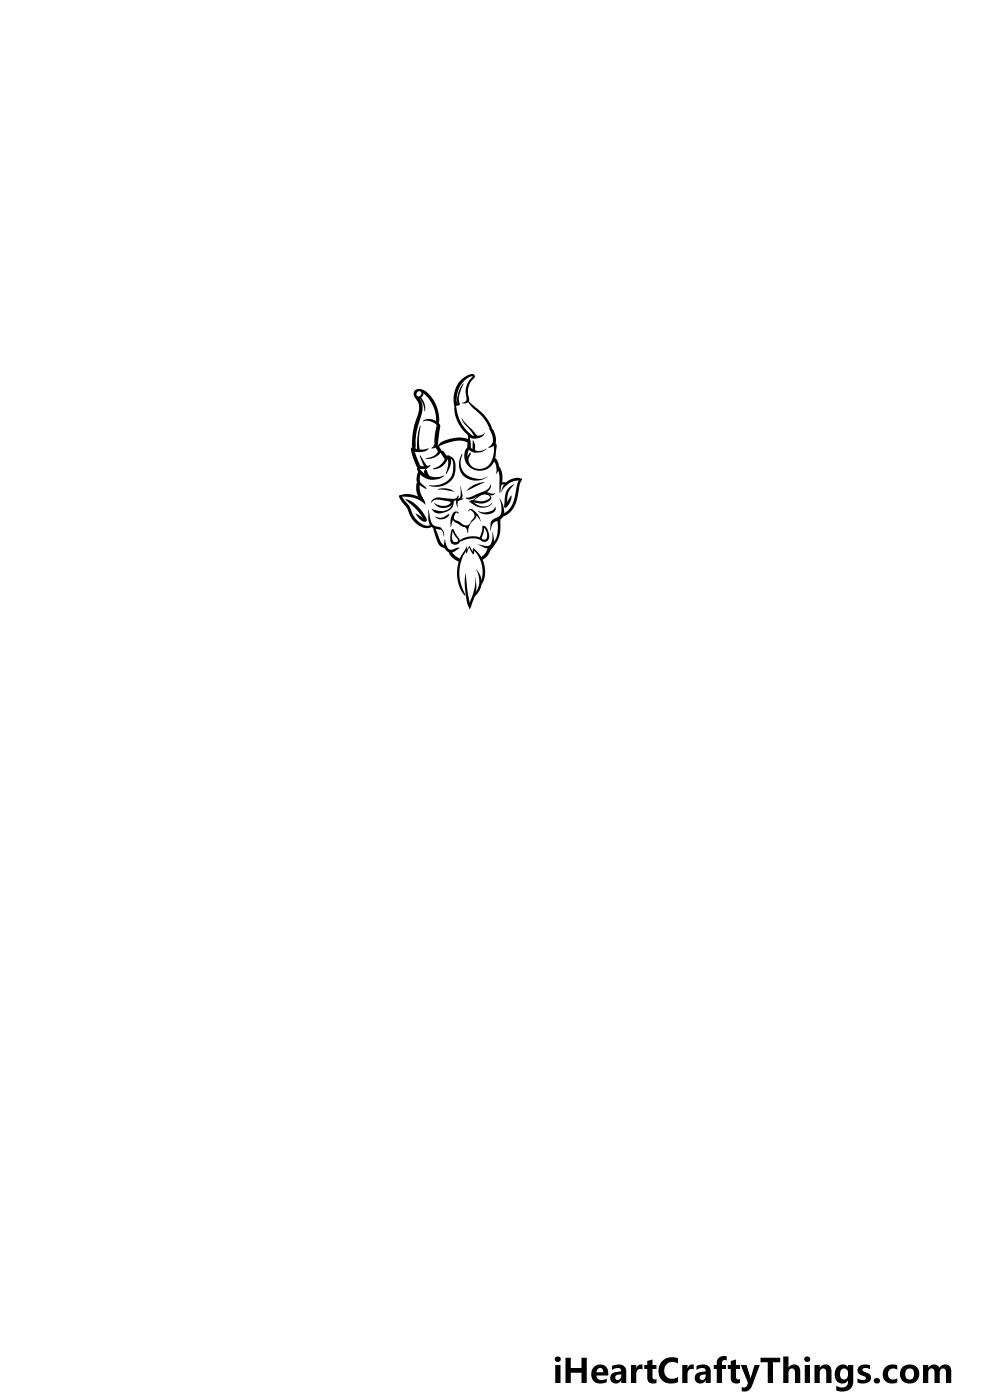 dibujar un demonio paso 1